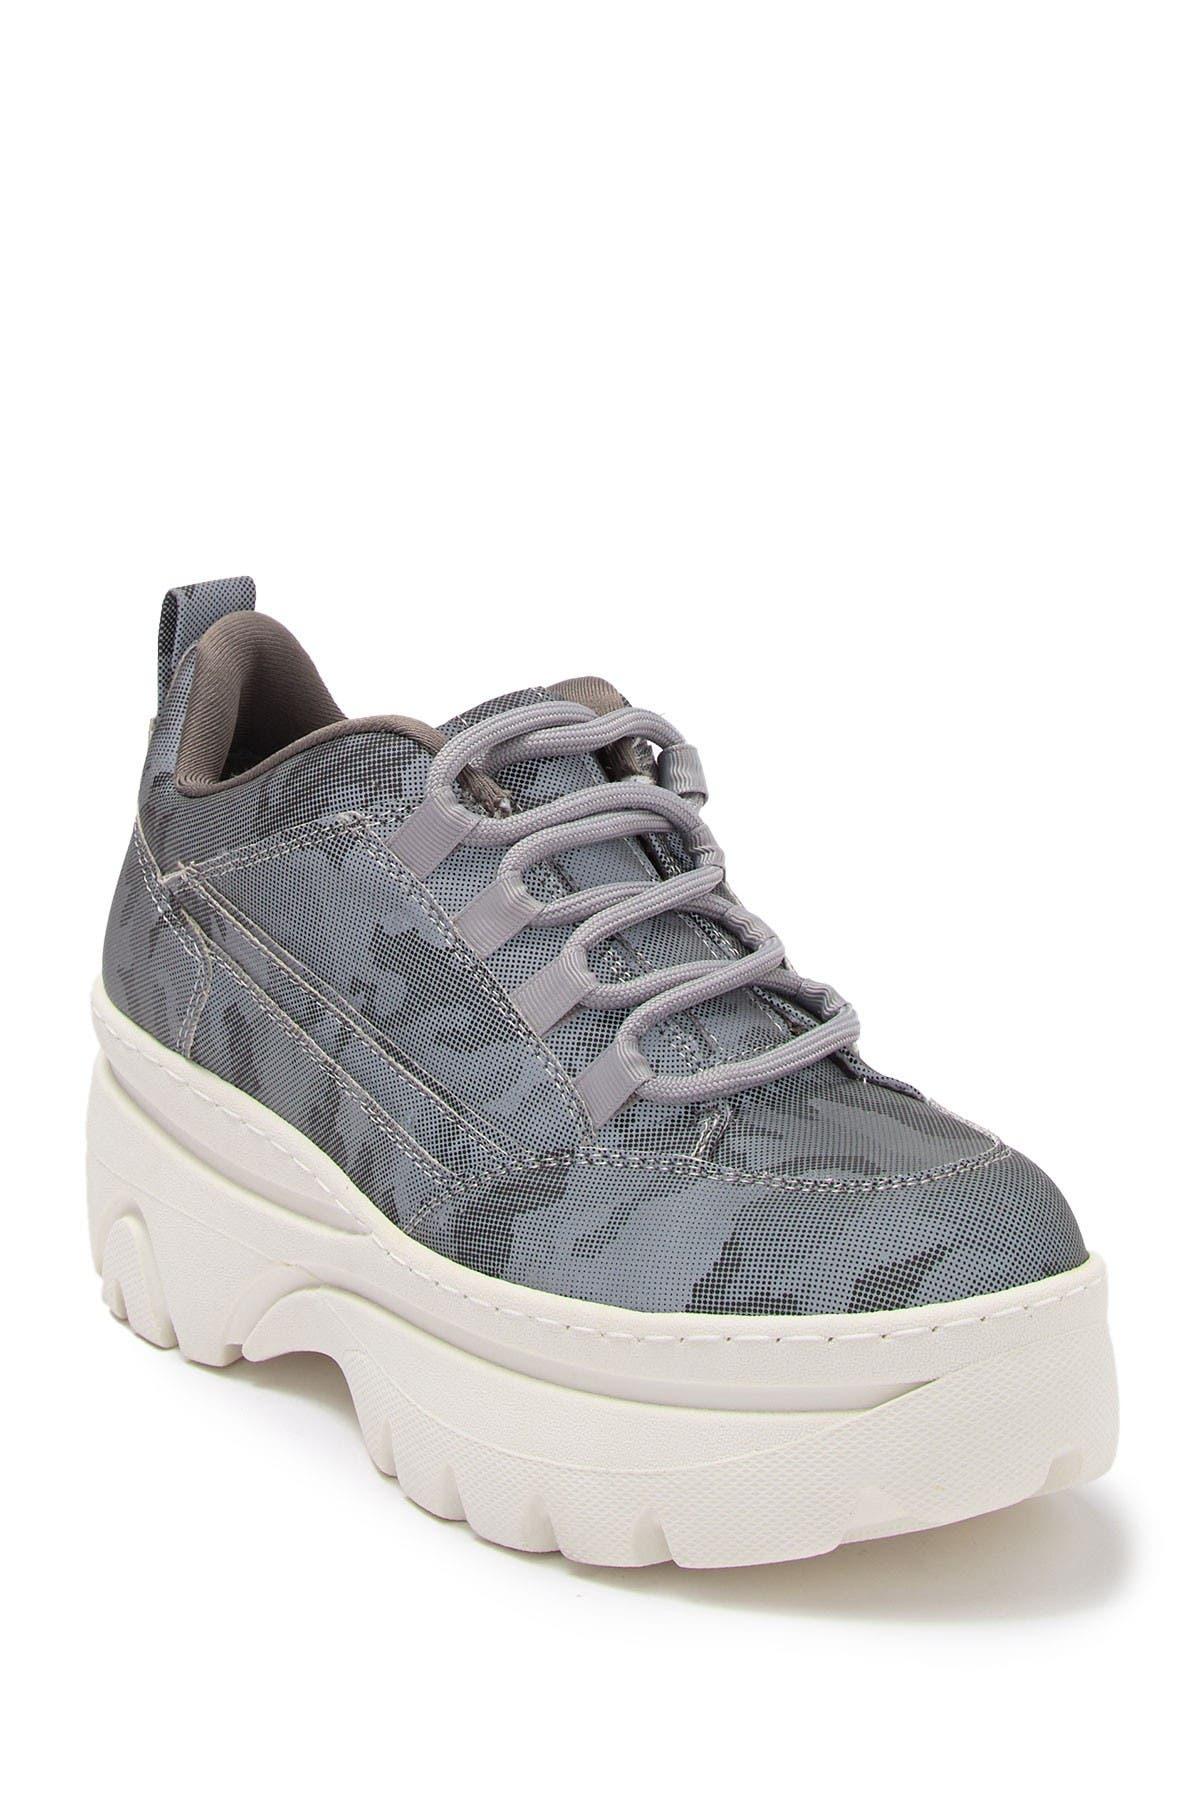 Madden Girl | Bounce Platform Sneaker